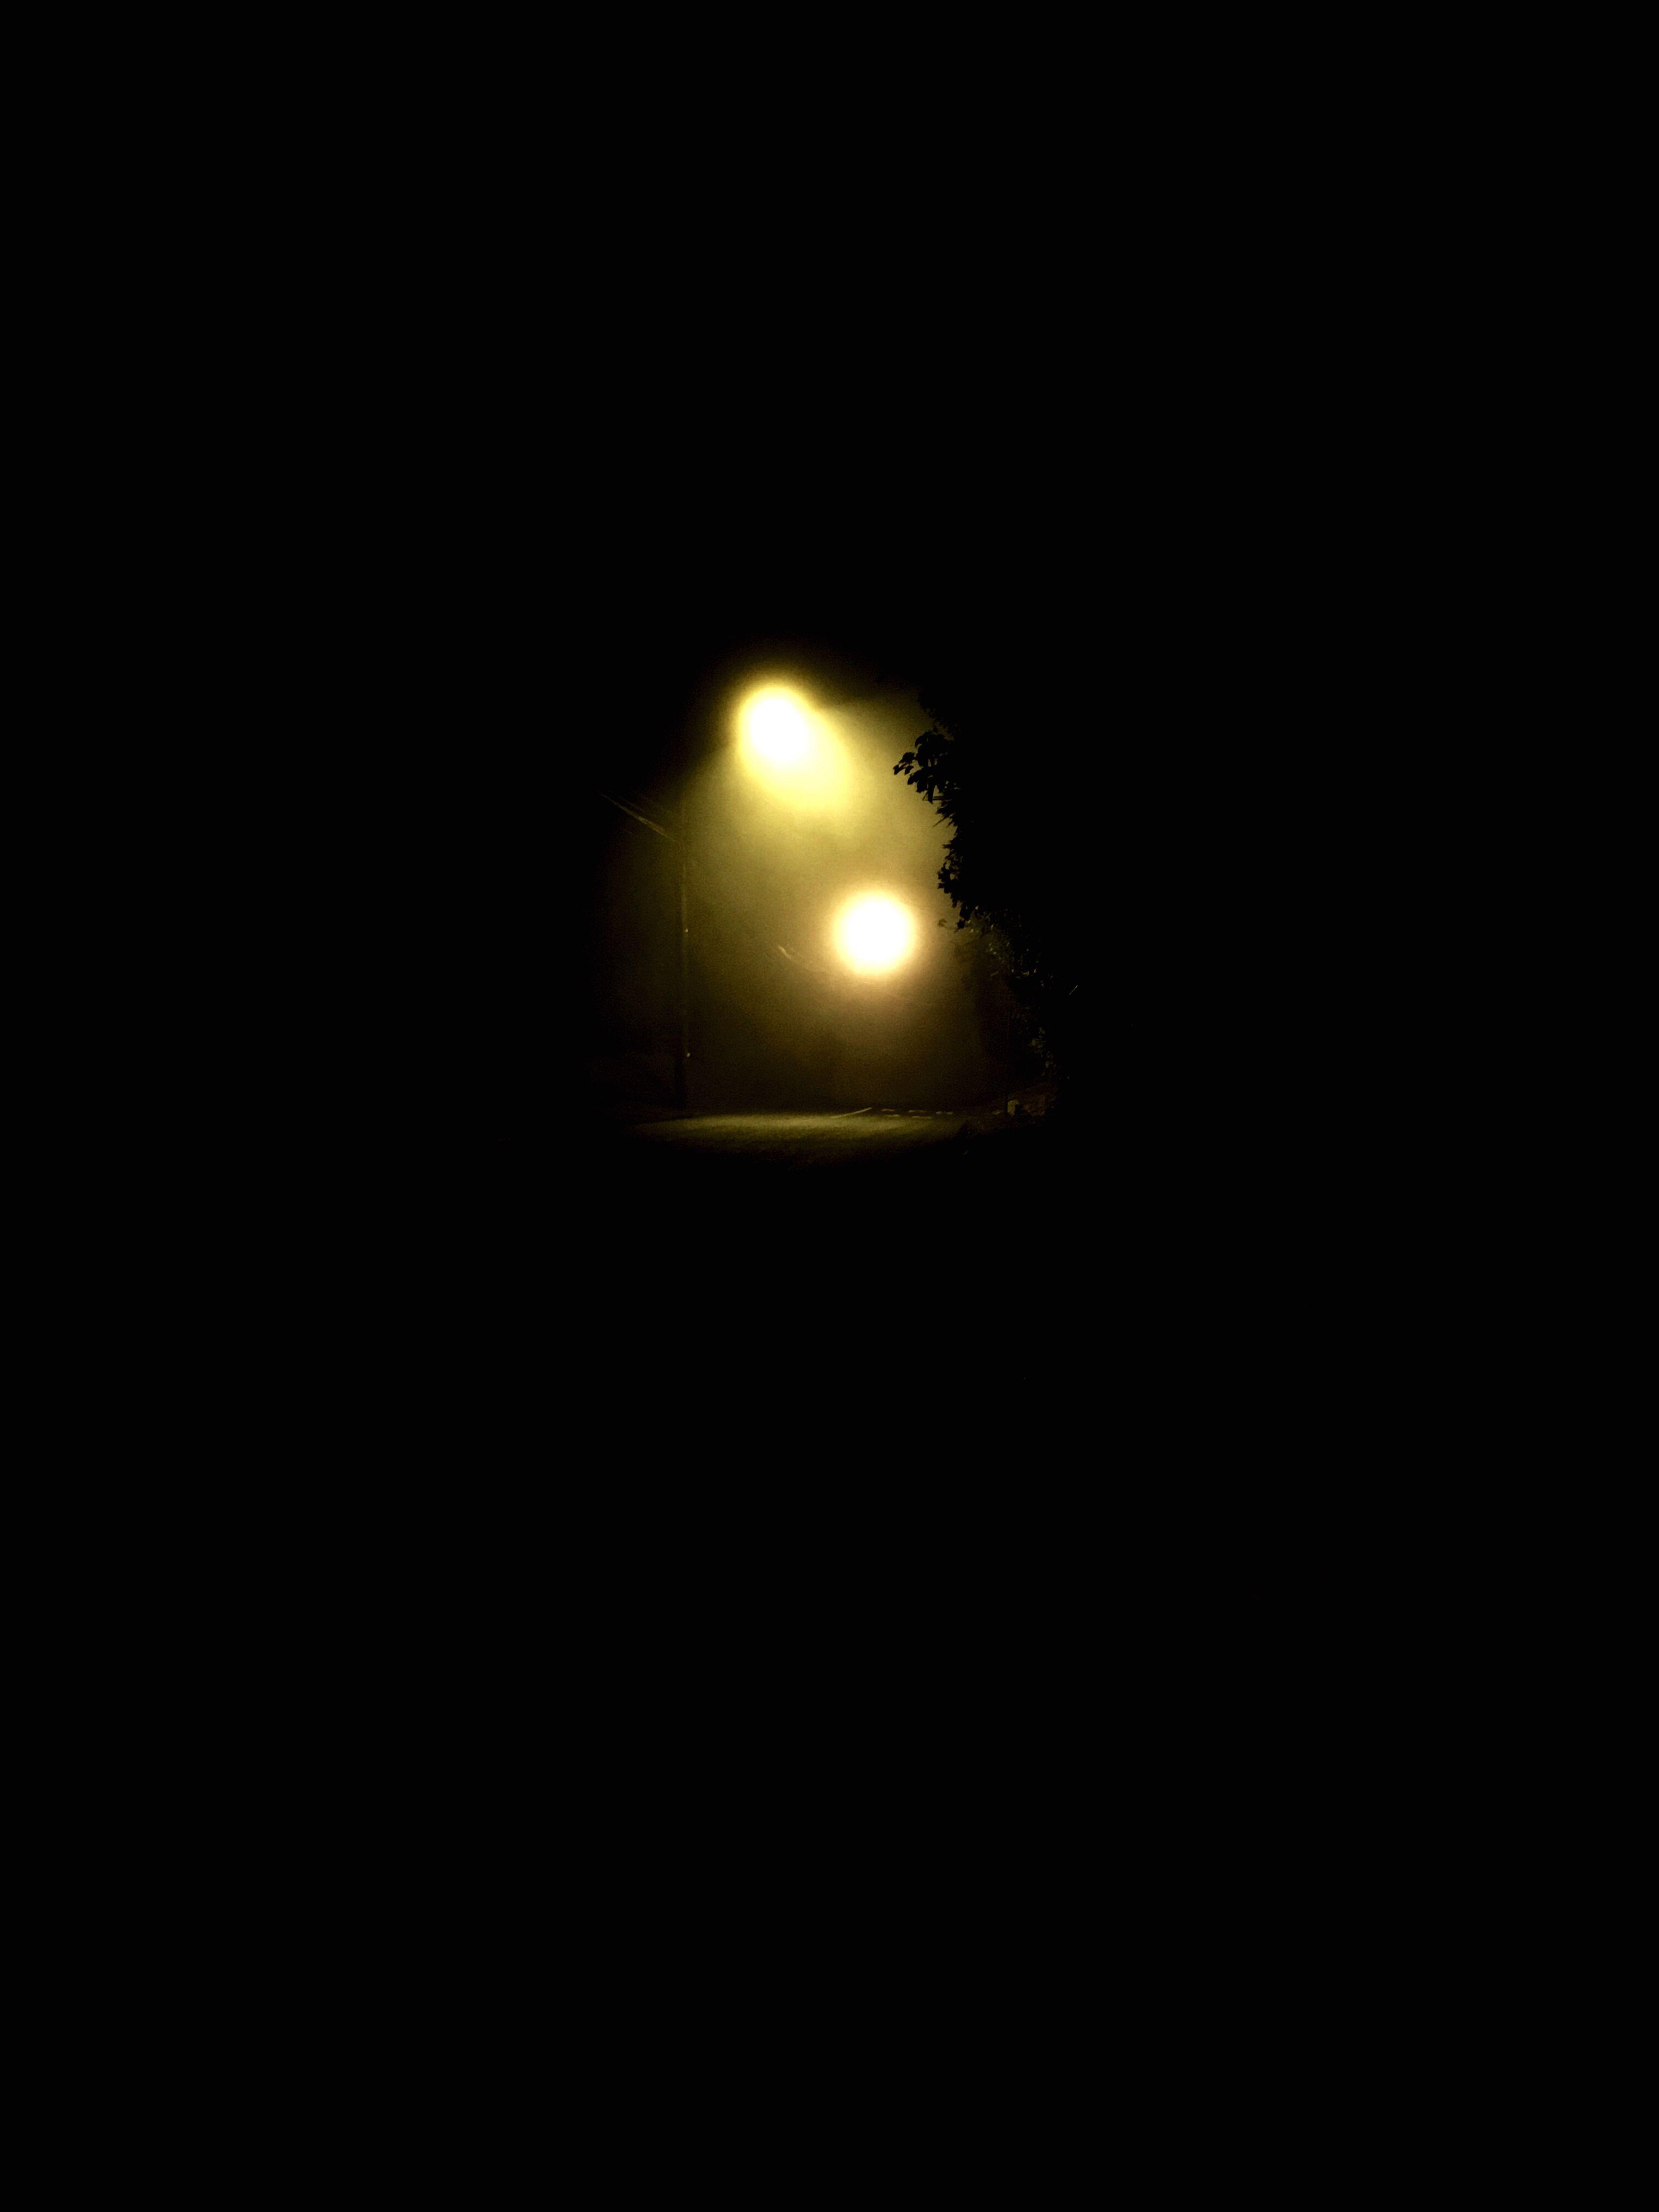 Las mejores noches son así de oscuras y te permiten pensar demasiado 😌 Nightphotography First Eyeem Photo